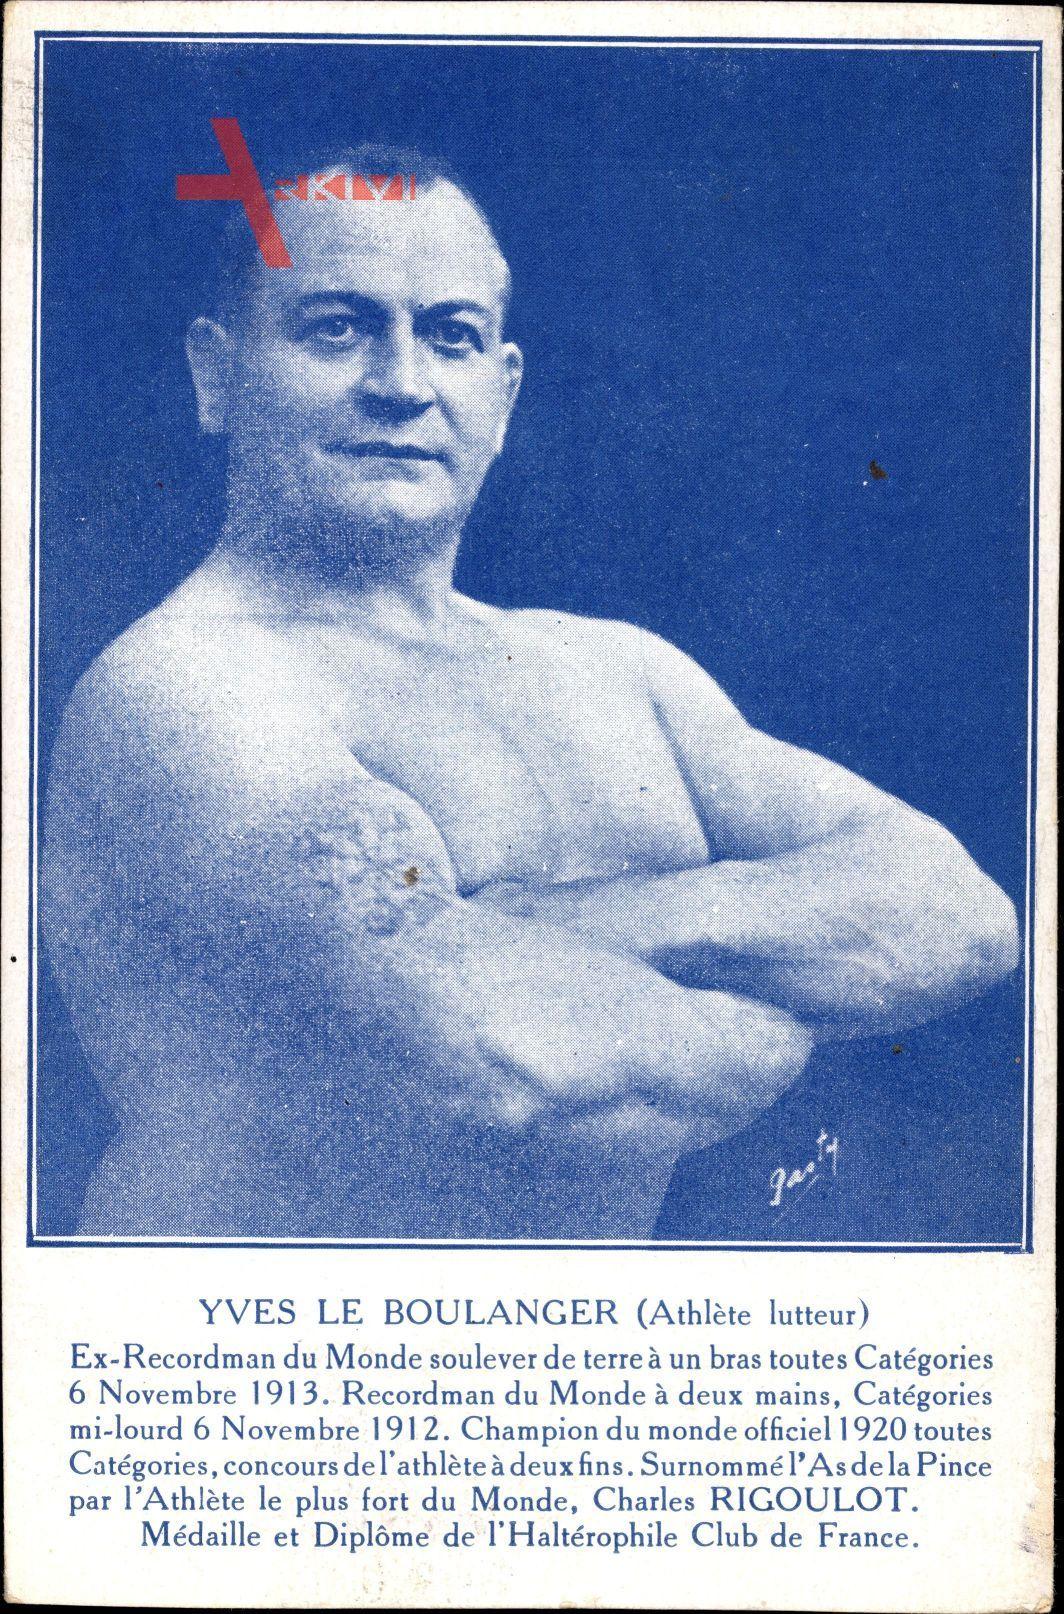 Yves le Boulanger, Athlète lutteur, Französisches Ringer